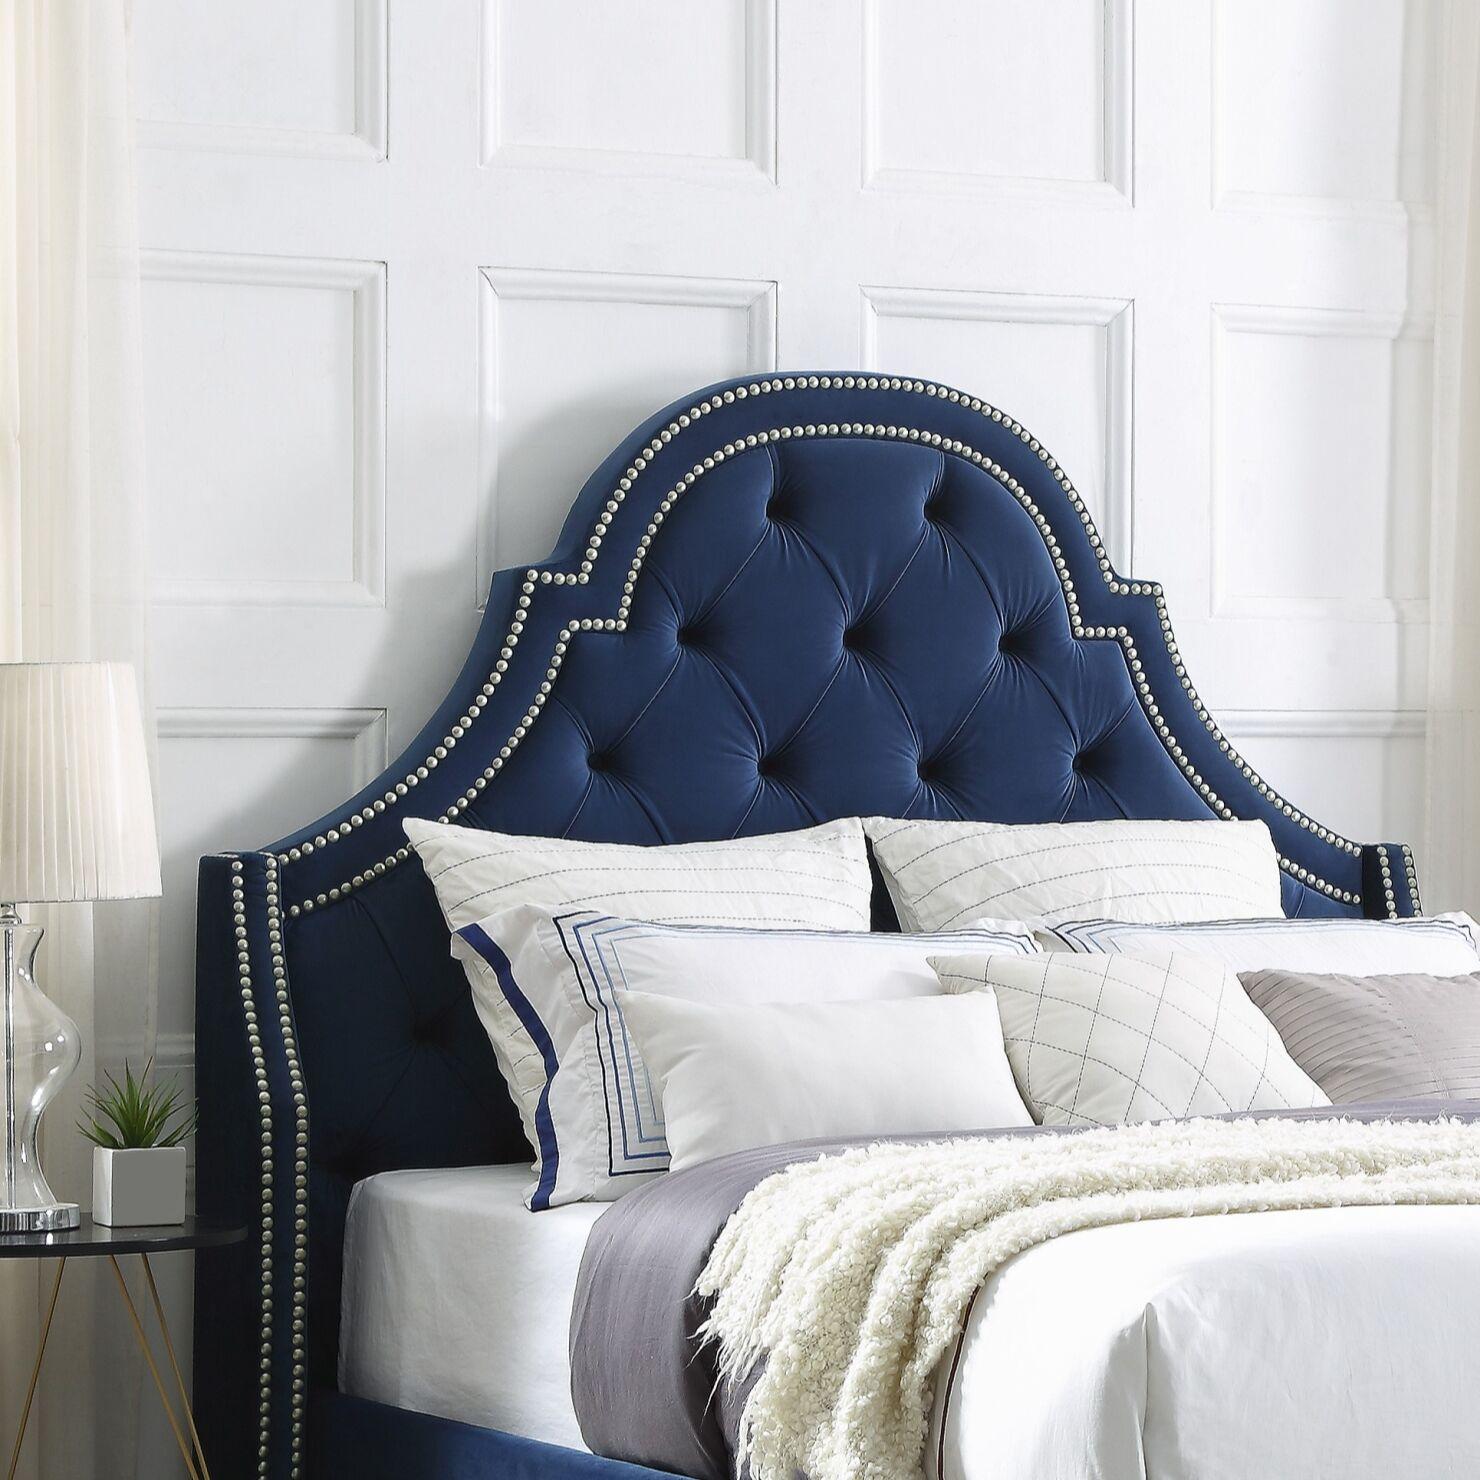 Caspian Upholstered Panel Headboard Size: King, Upholstery: Velvet Navy